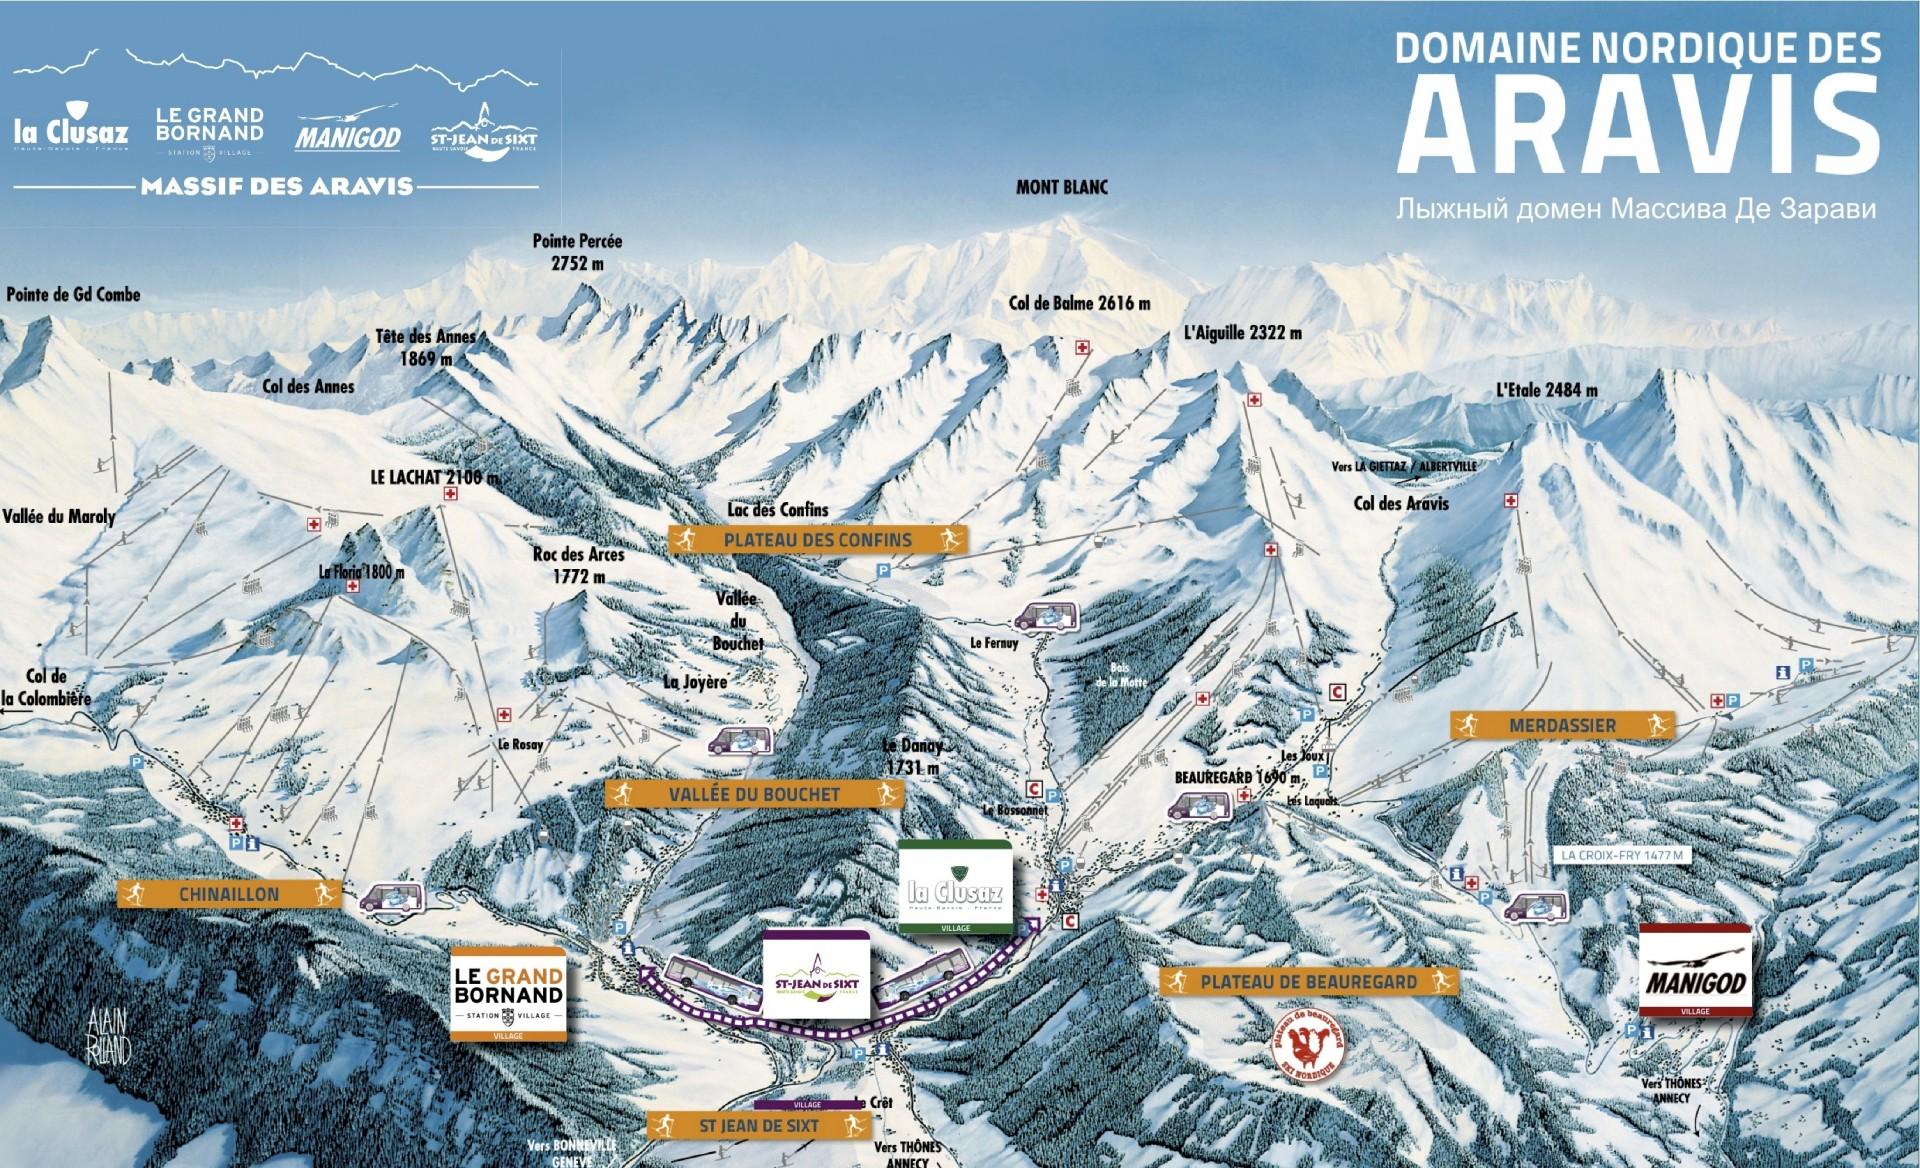 Plan des secteurs du domaine skiable nordique du Massif des Aravis